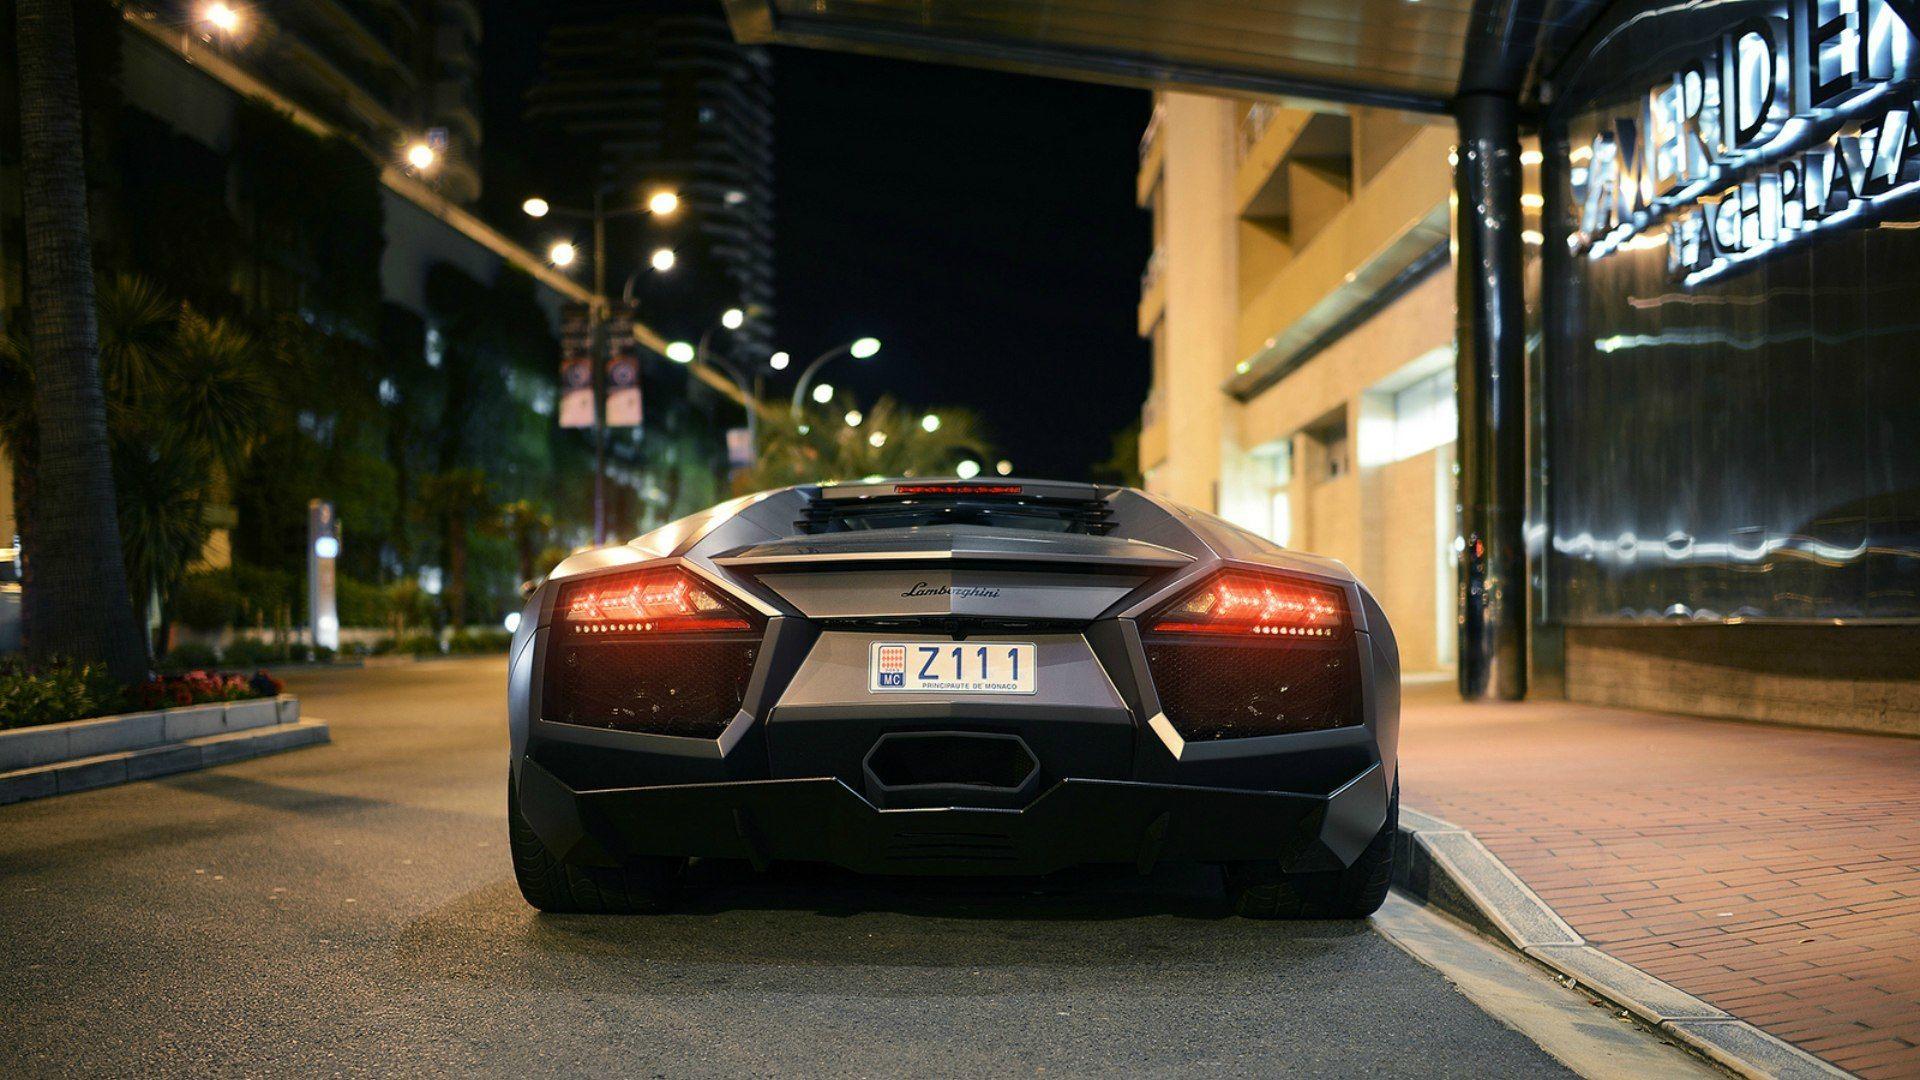 Lamborghini Black Matt Car Night City Wallpaper Http